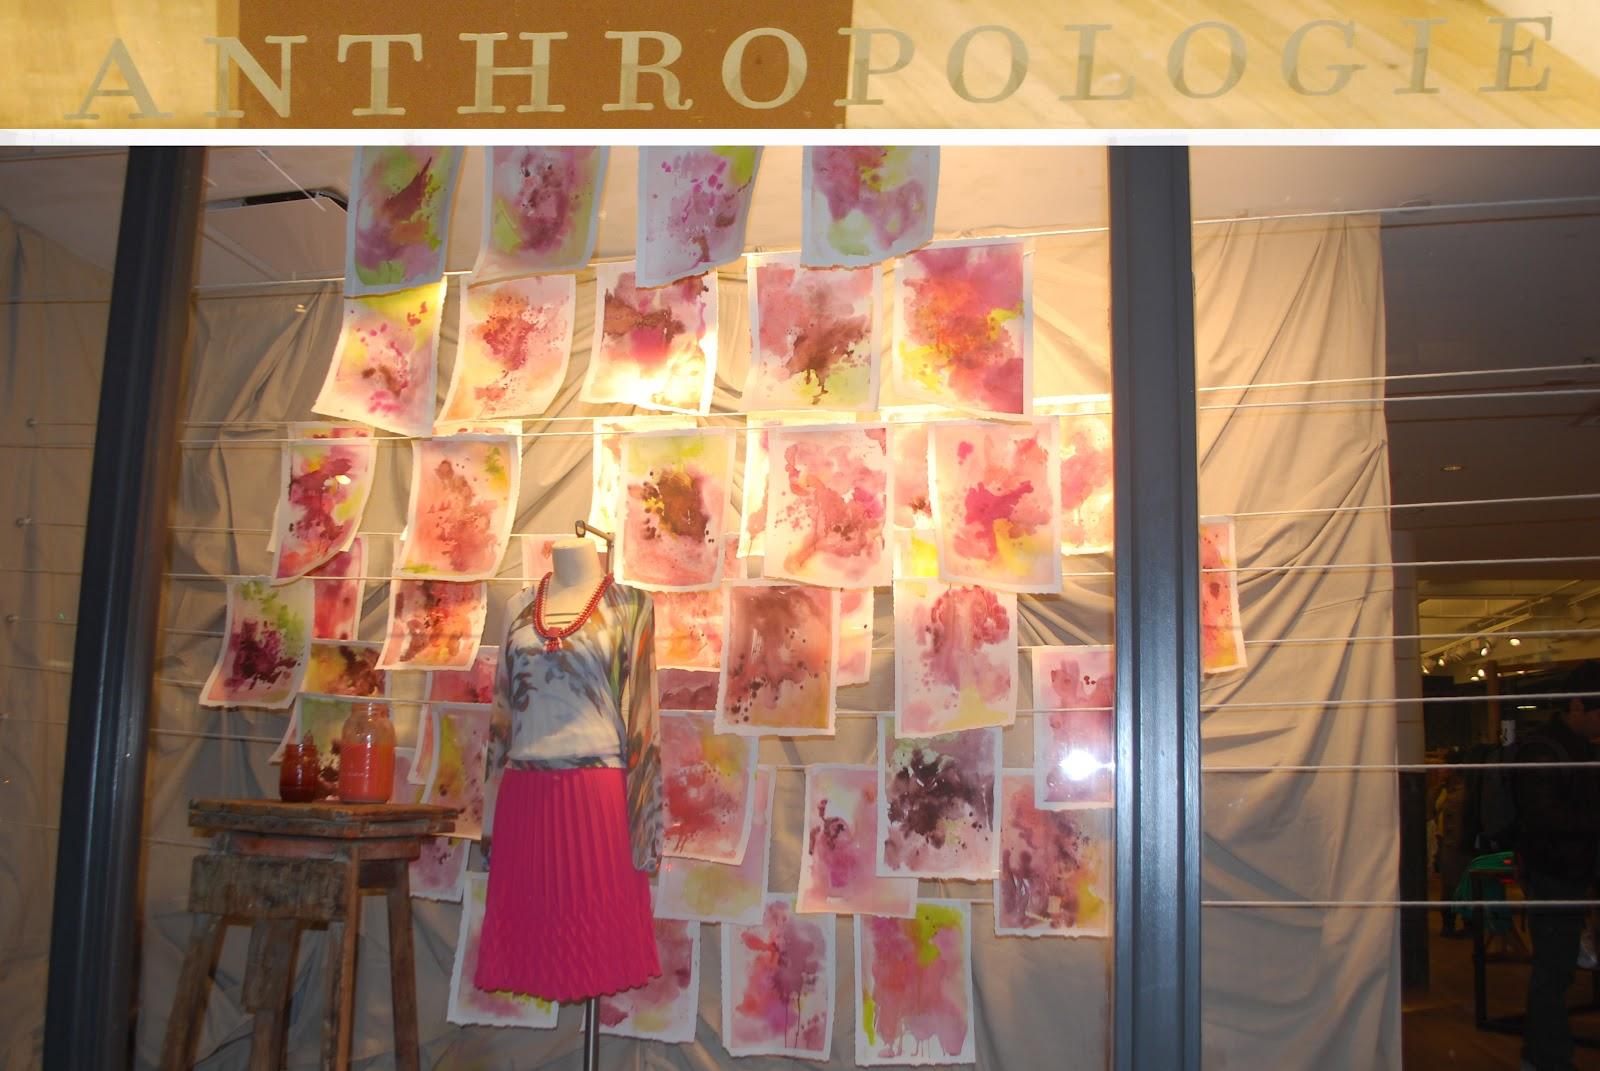 http://4.bp.blogspot.com/-lKprEA1-sls/Ty7SywShhoI/AAAAAAAAAfk/K6bjM-aDSO8/s1600/38+anthropology.jpg